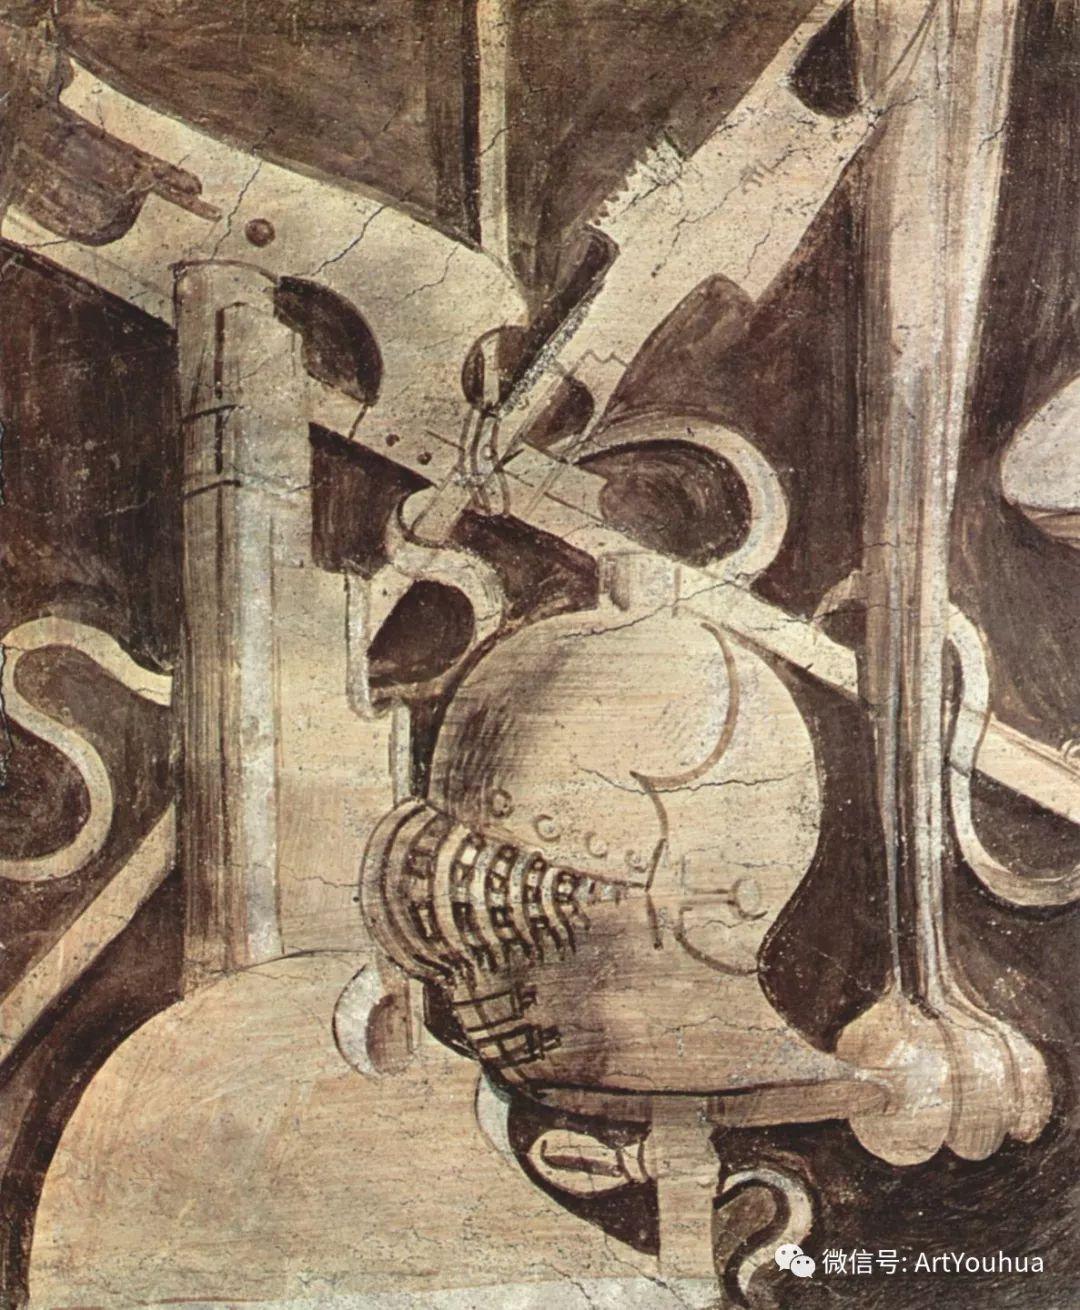 连载No.9 乔尔乔内 | 著名的意大利威尼斯画派画家插图71